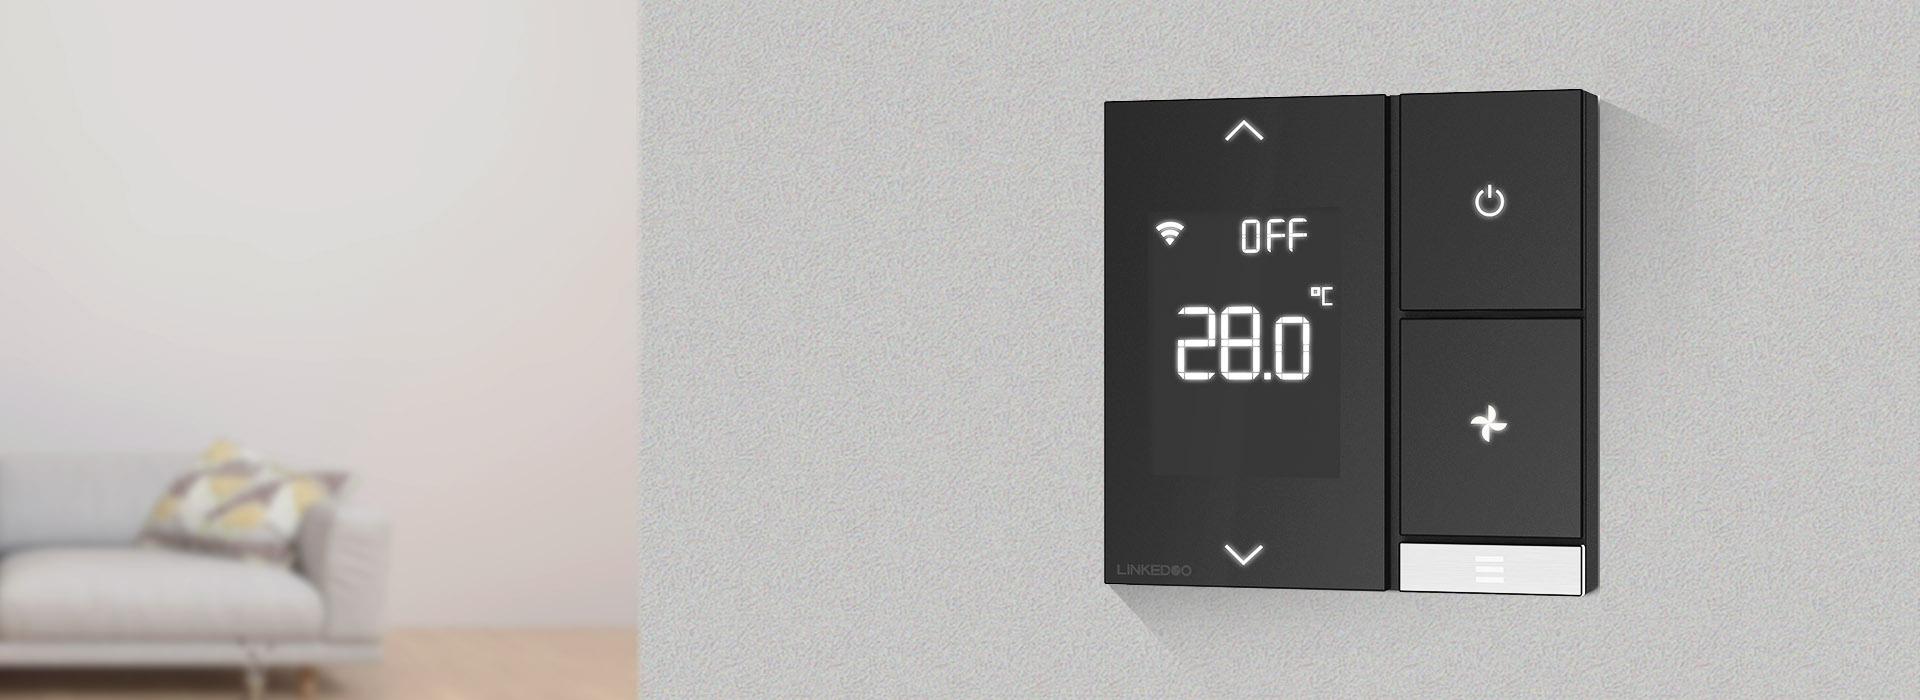 青春款智能温控器 控制面板 空调控制面板 新风控制面板